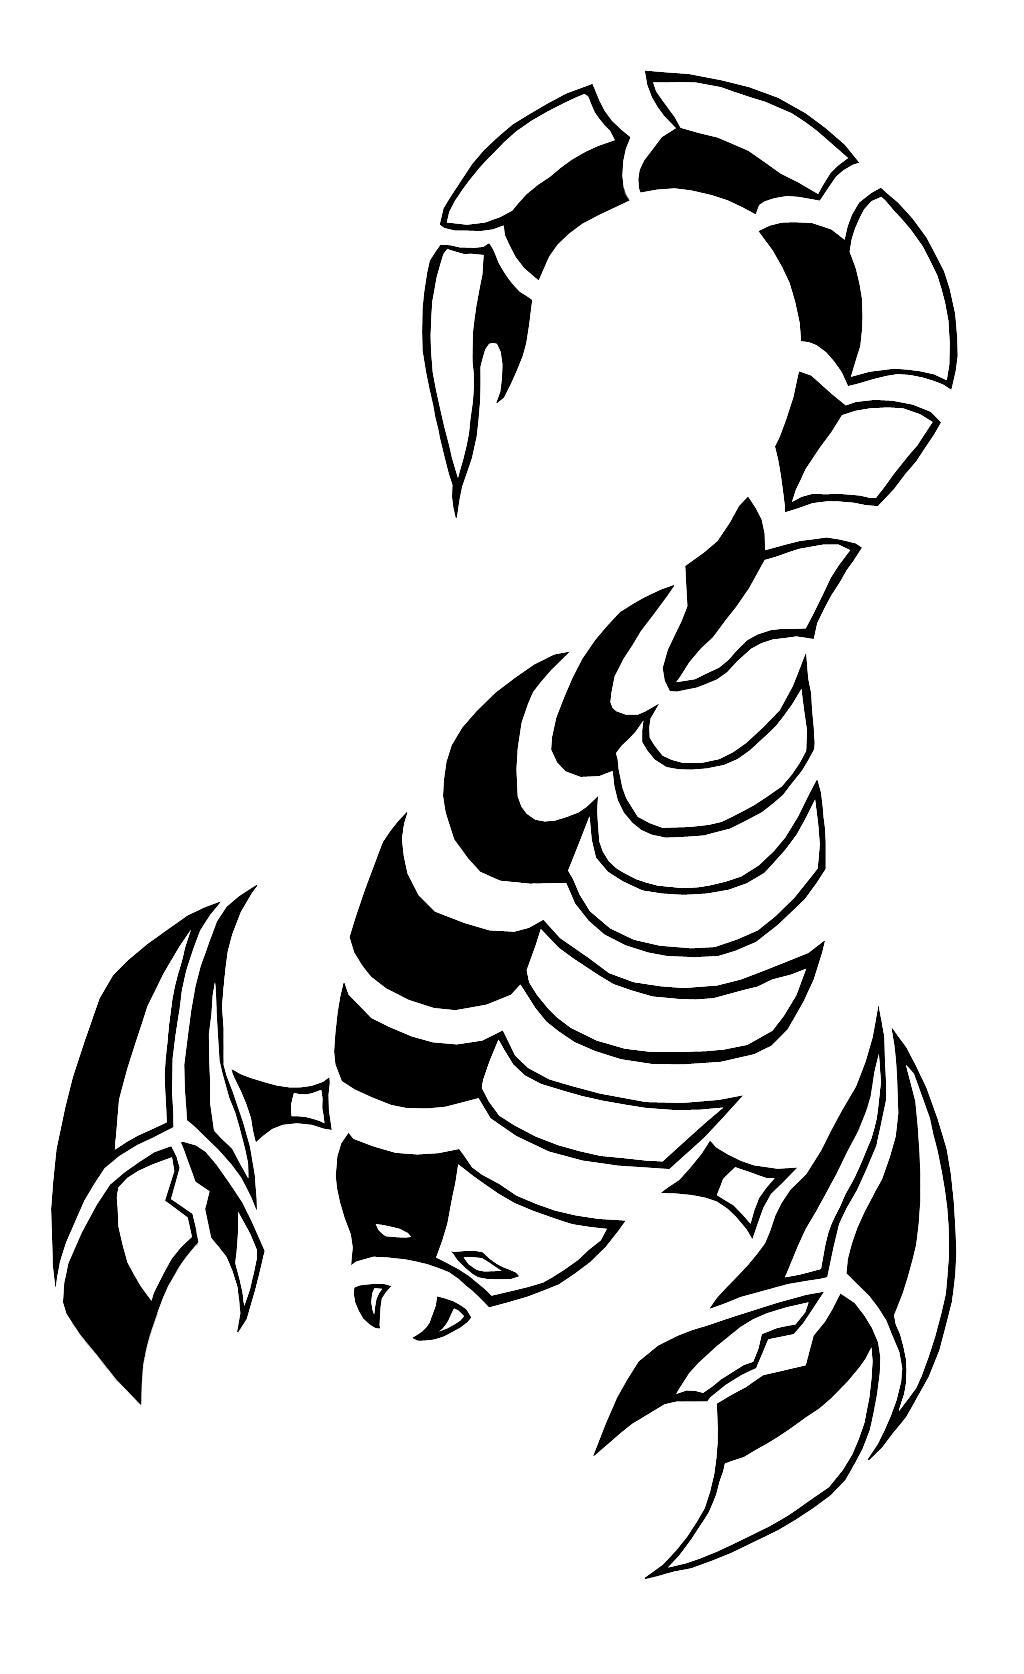 tribal scorpion blackwhite by hakuren92 on deviantart